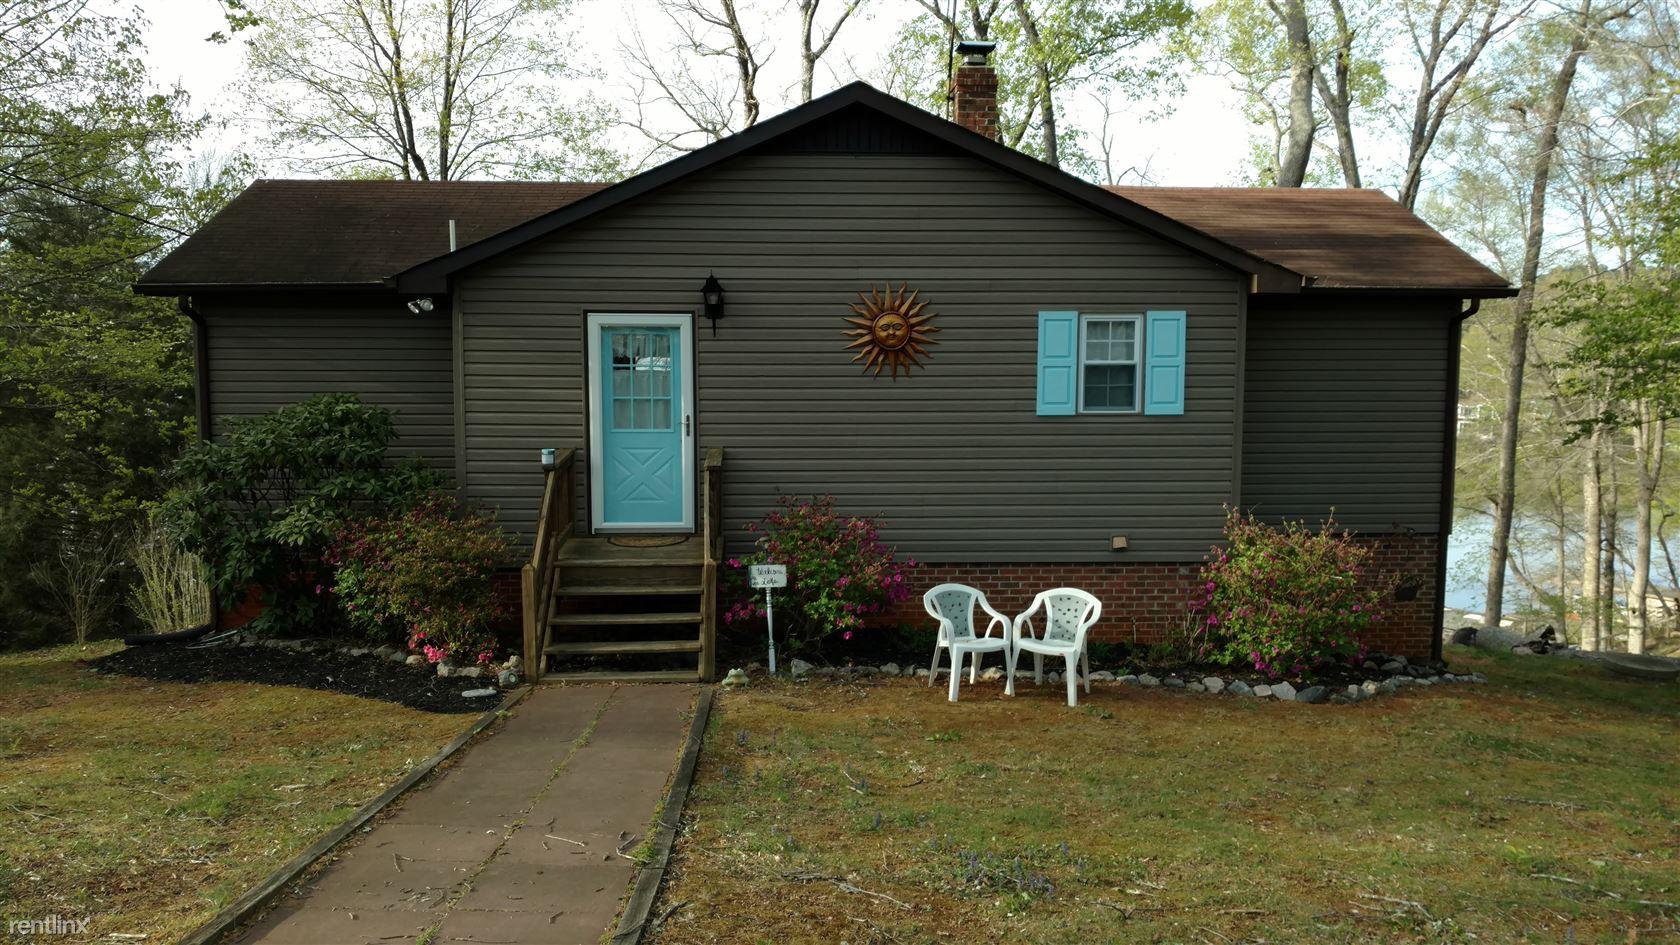 157 Forest Ct., Bracey, VA - $1,600